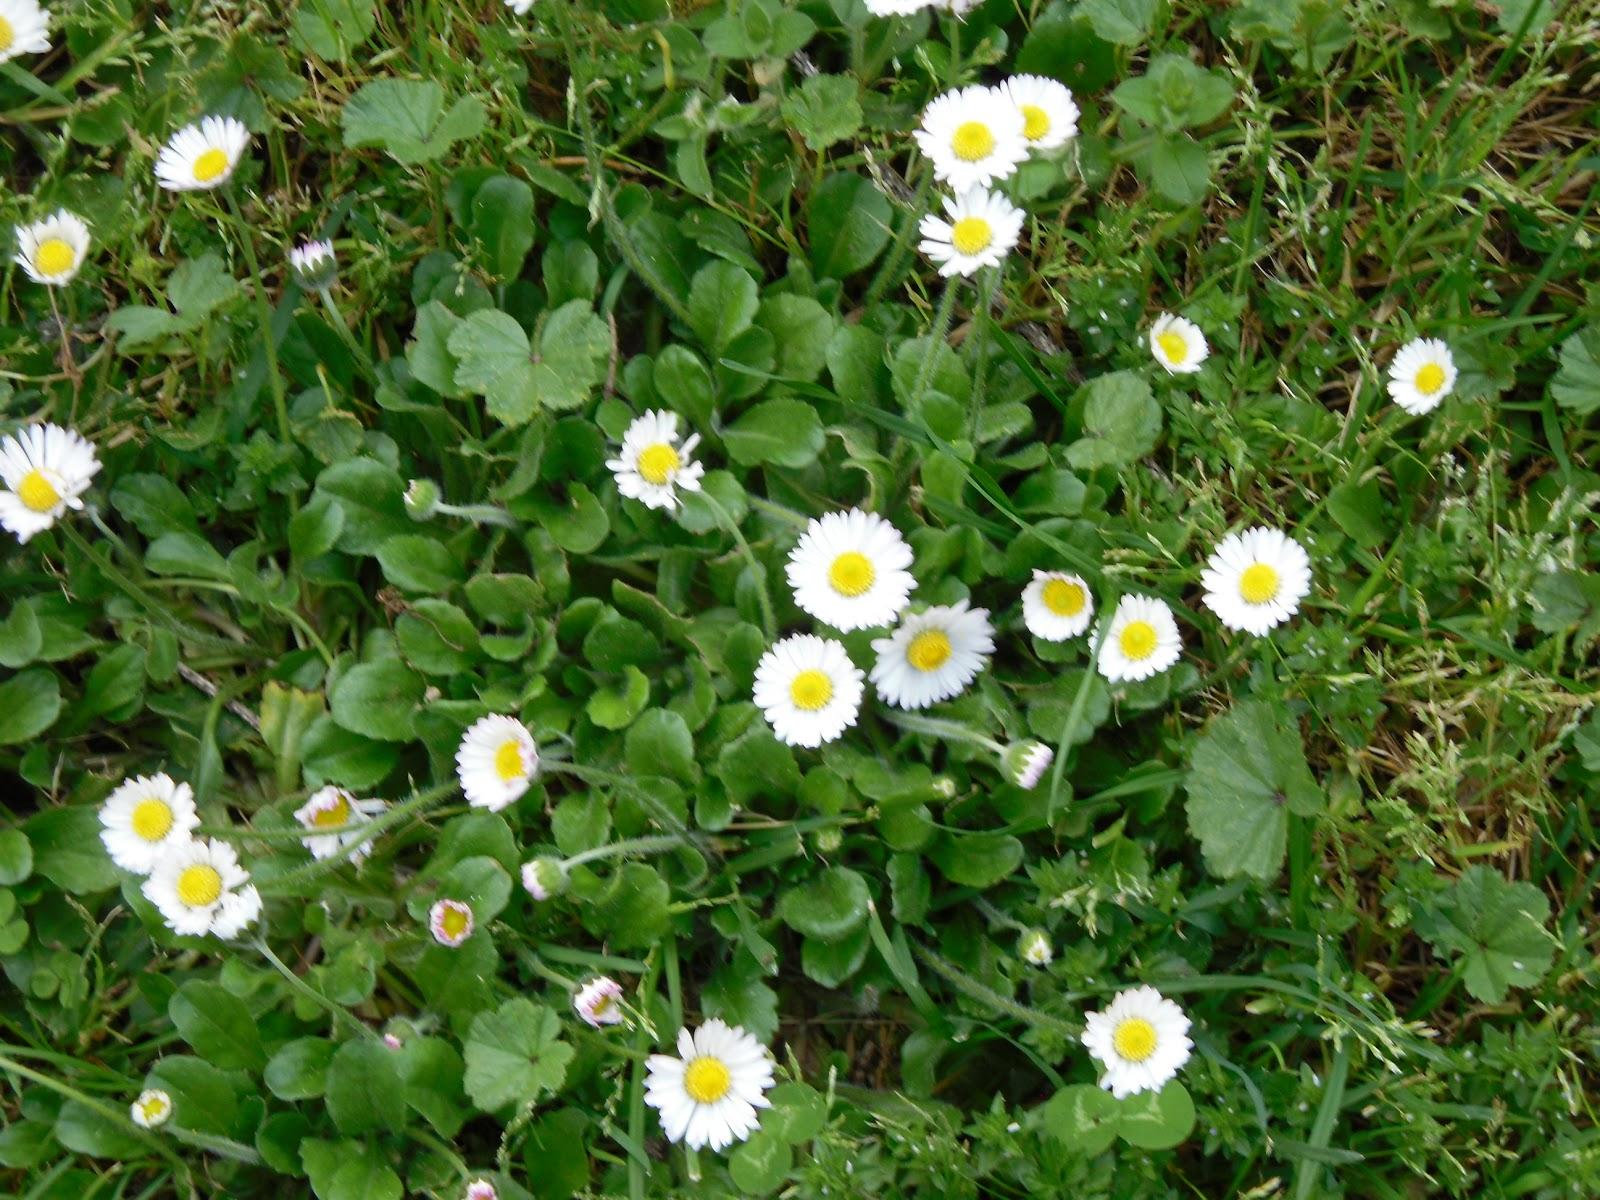 Fiore crea fiori di campo e di giardino - Fiori di giardino ...